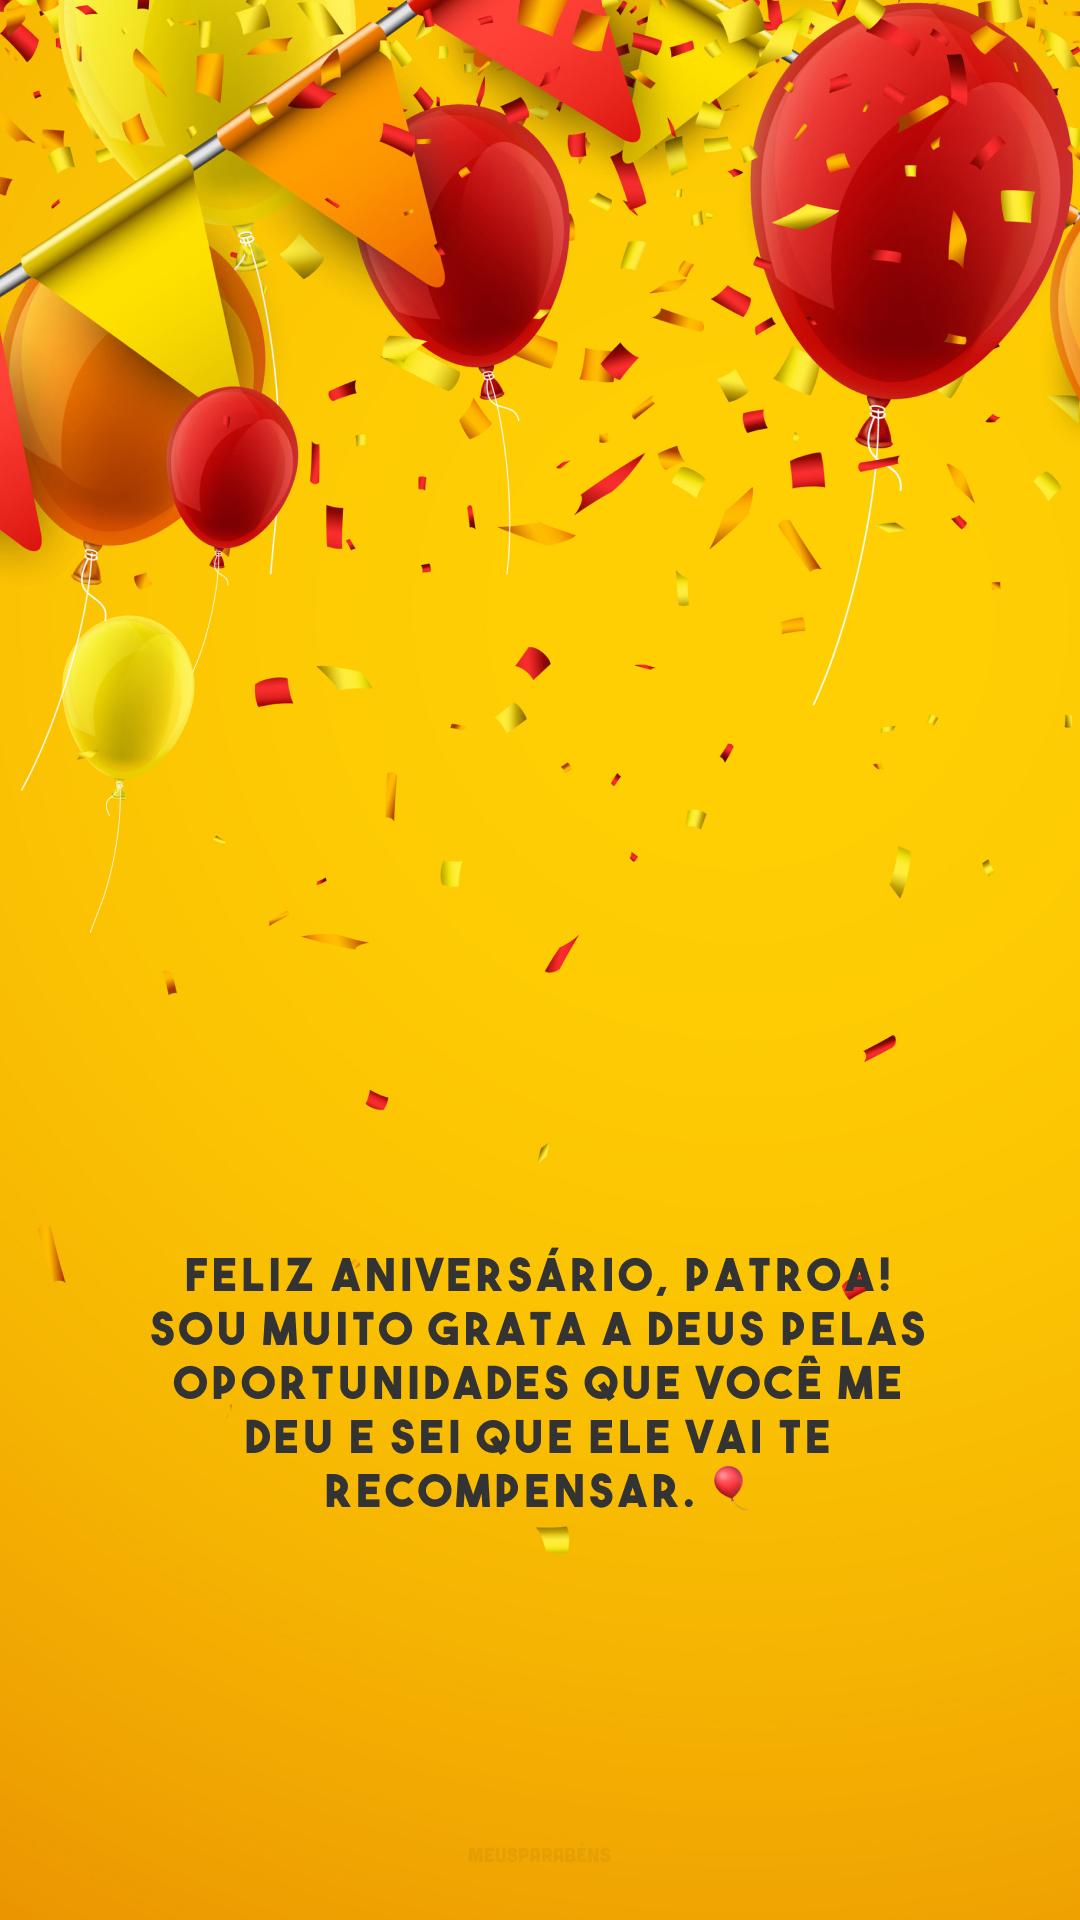 Feliz aniversário, patroa! Sou muito grata a Deus pelas oportunidades que você me deu e sei que Ele vai te recompensar. 🎈